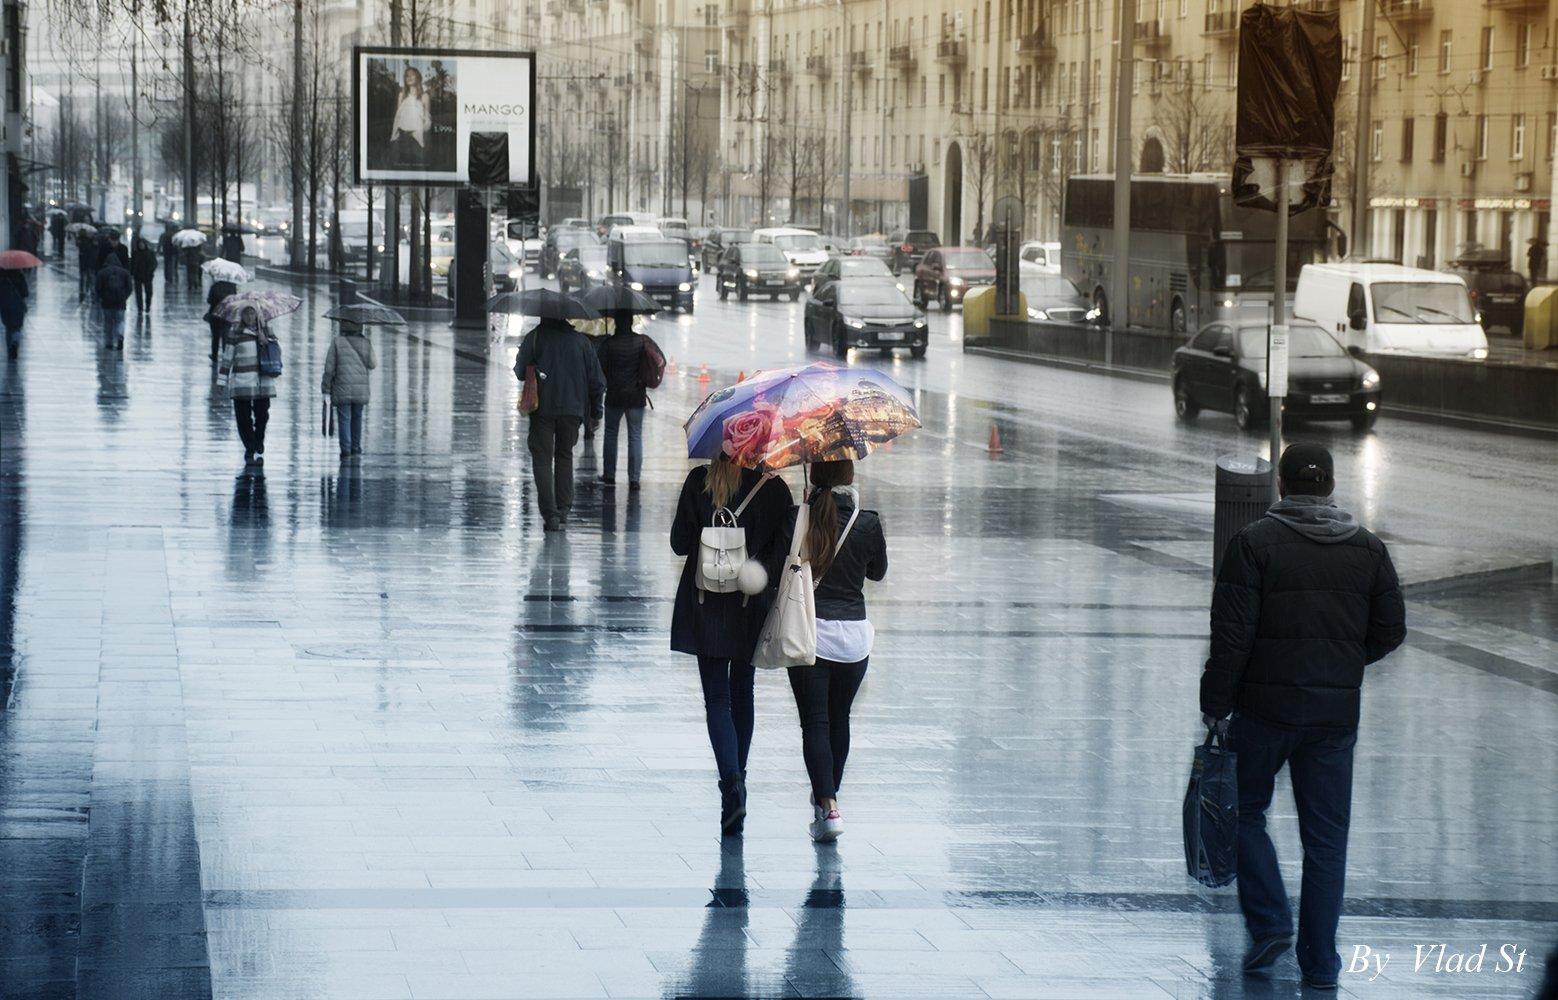 Прогулка, улица, весна, сырость, вода, дождь, день, город, улица, люди, Walk, street, spring, damp, water, rain, day, city, street, people, Владлен Станиславенко